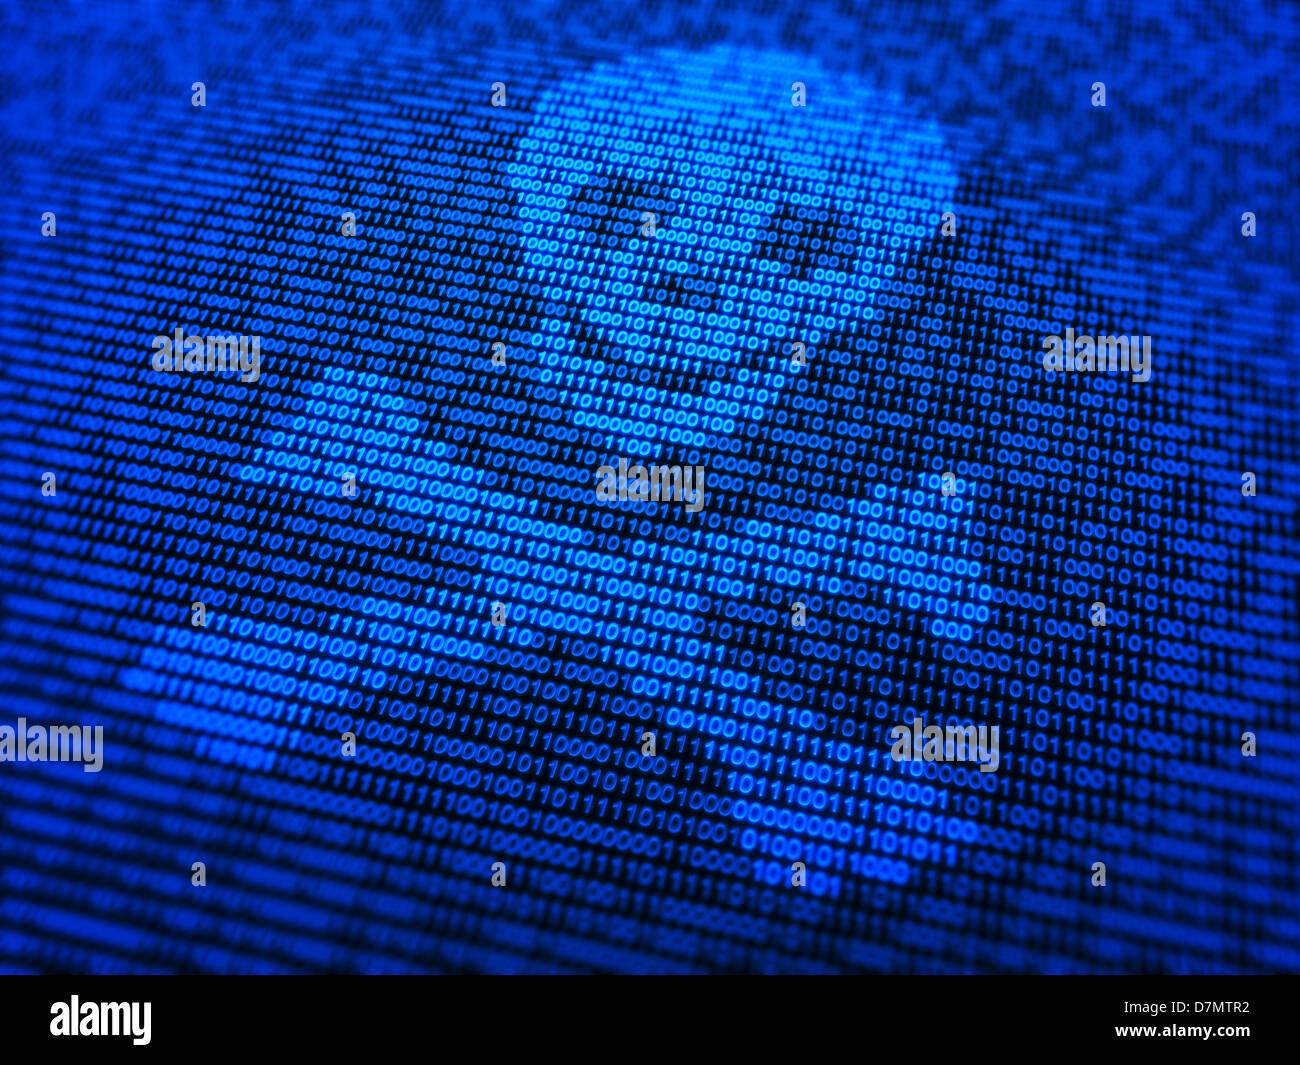 Malware, konzeptuellen Kunstwerk Stockbild